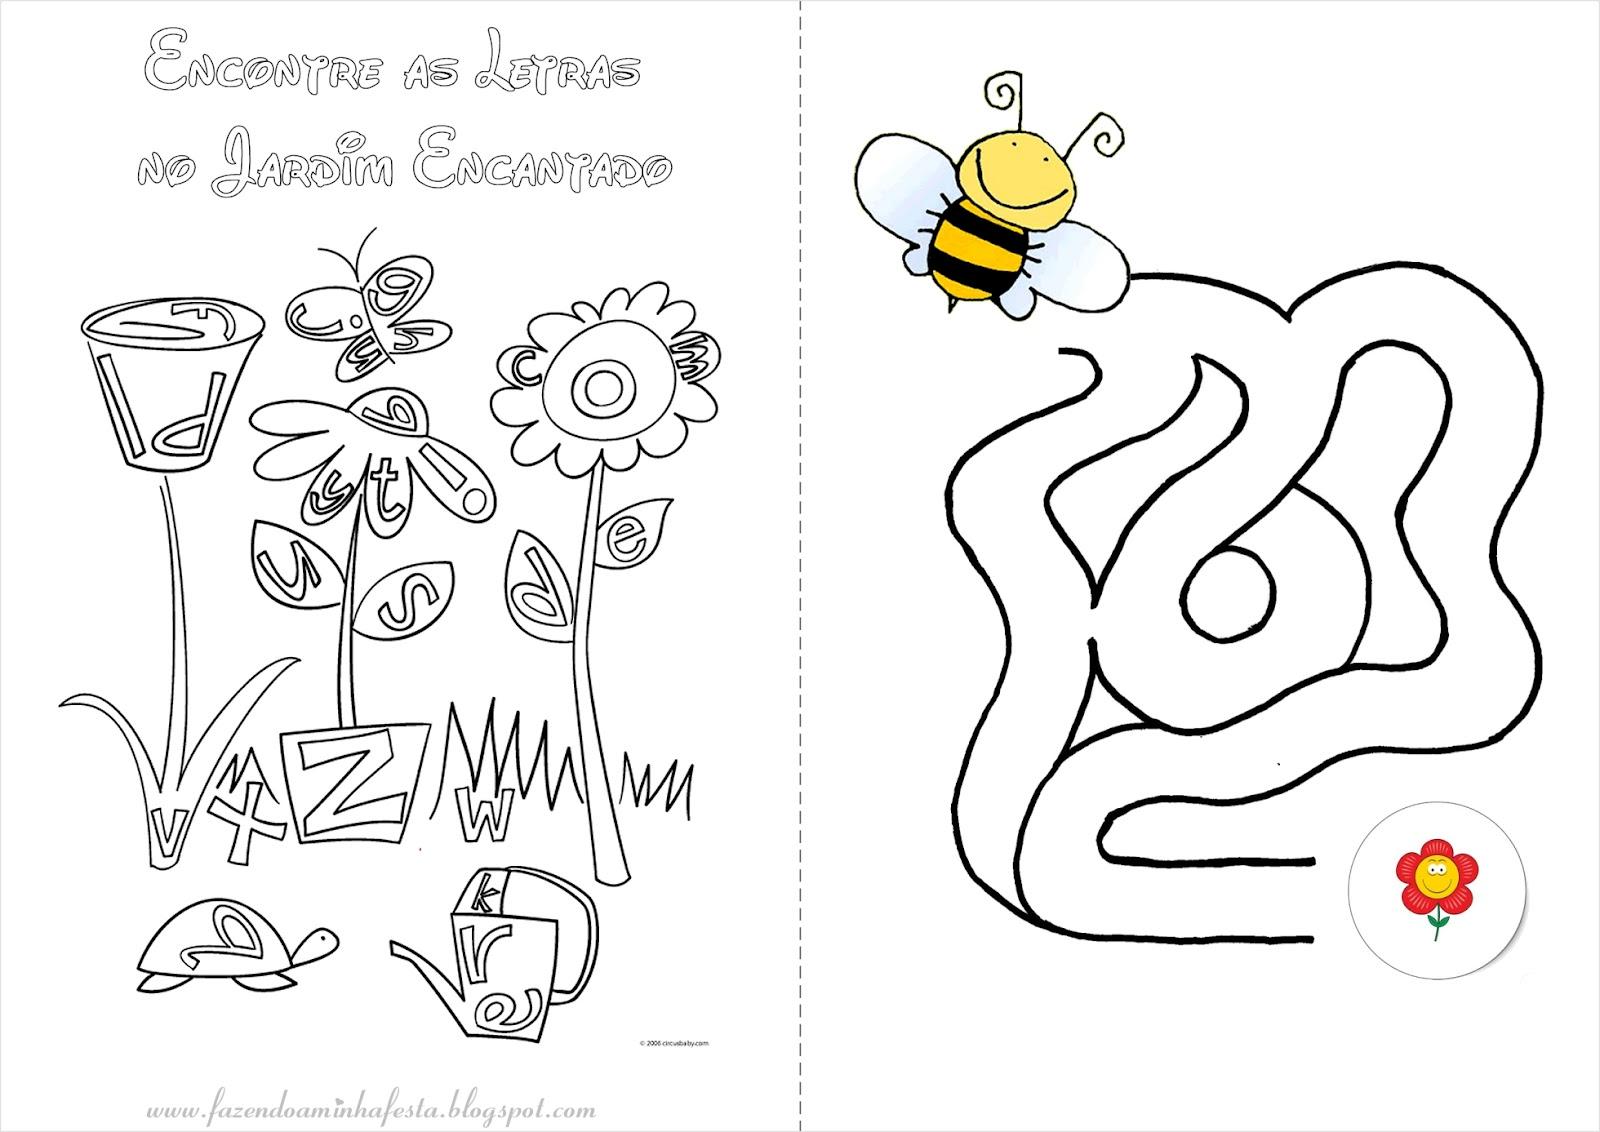 Desenho De Letra Z De Zoológico Para Colorir: Colorir: Jardim Encantado